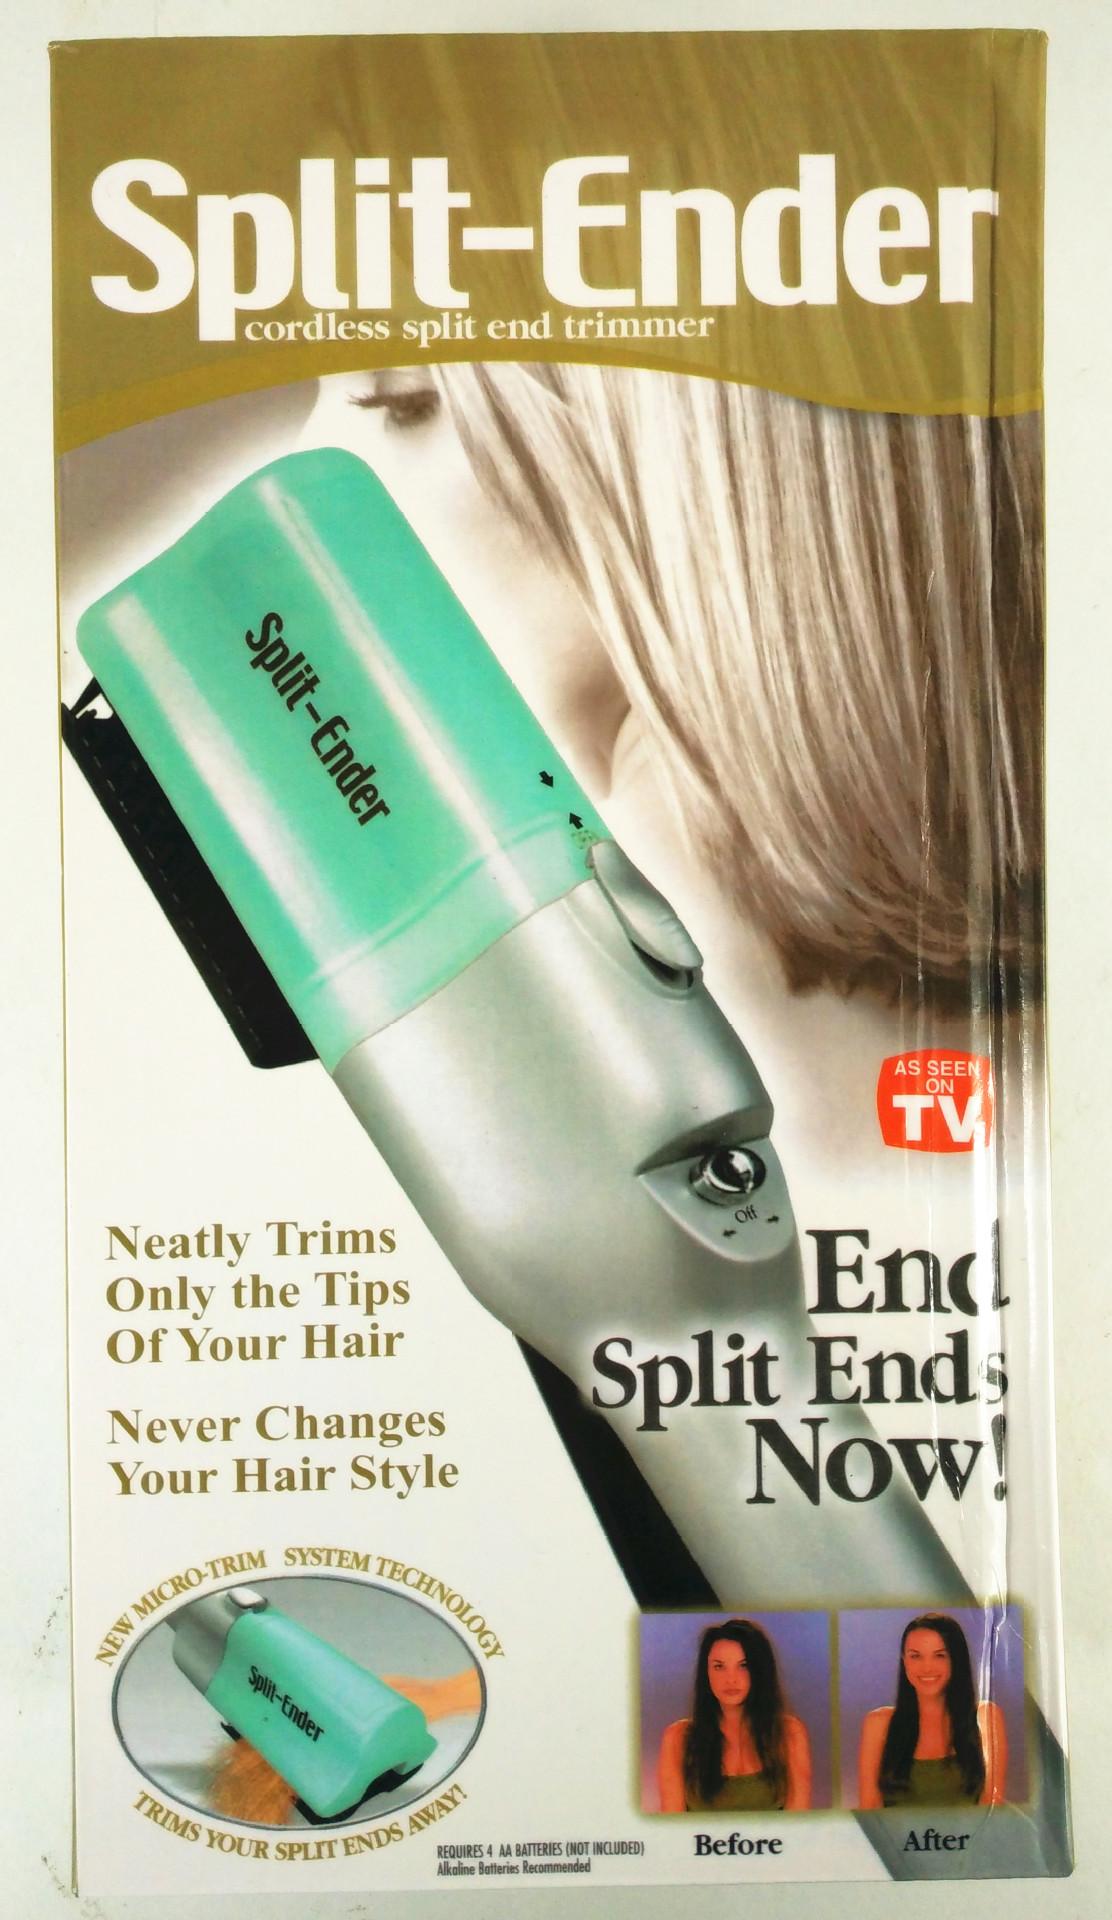 Подстригать волосы в машины Сплит Эндер Talavera артефакт TV шоппинг продукты красоты